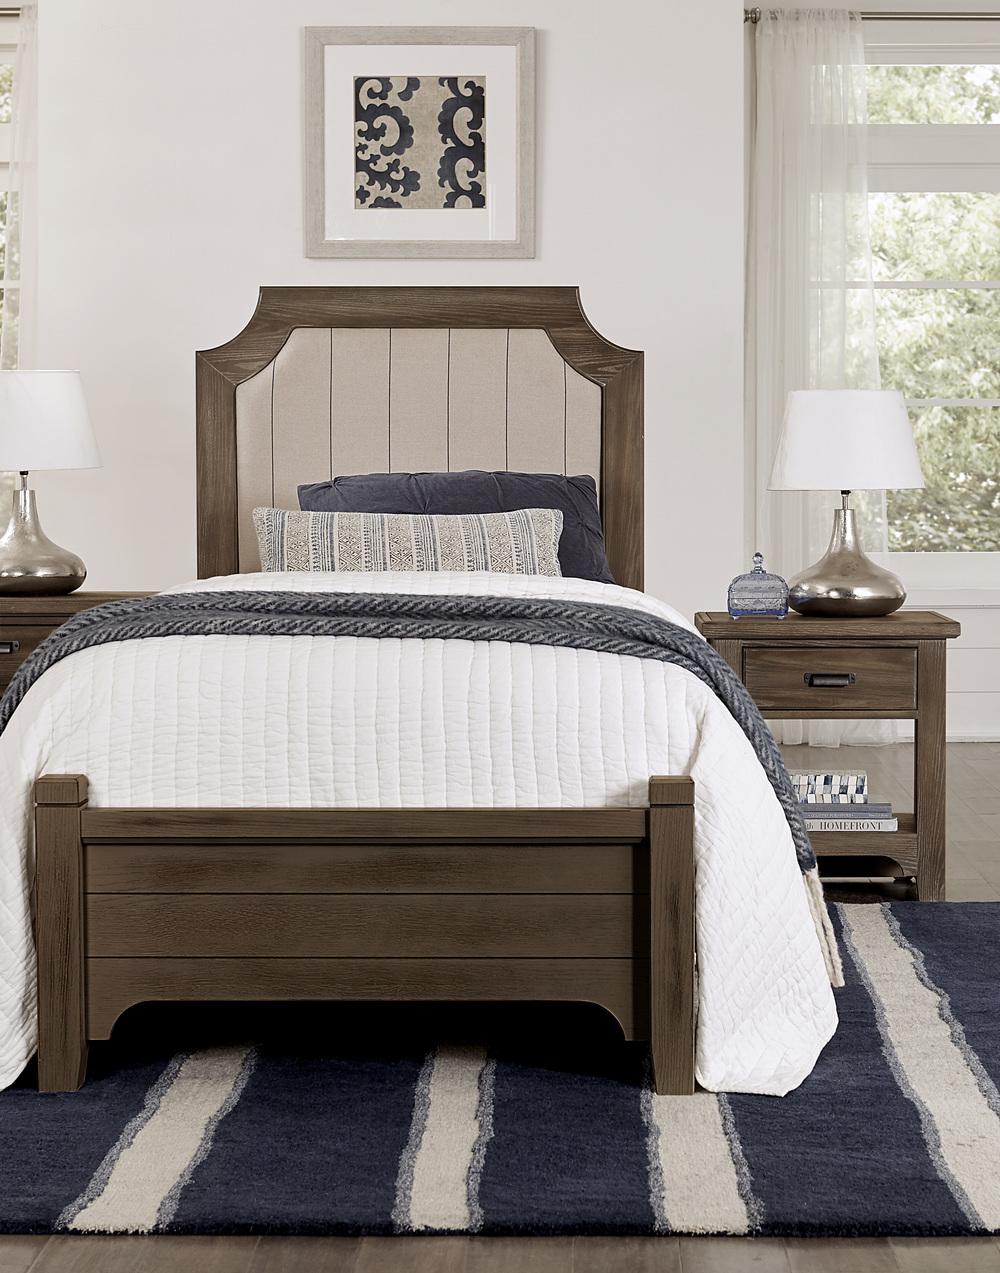 Vaughan Bassett - Upholstered Bed